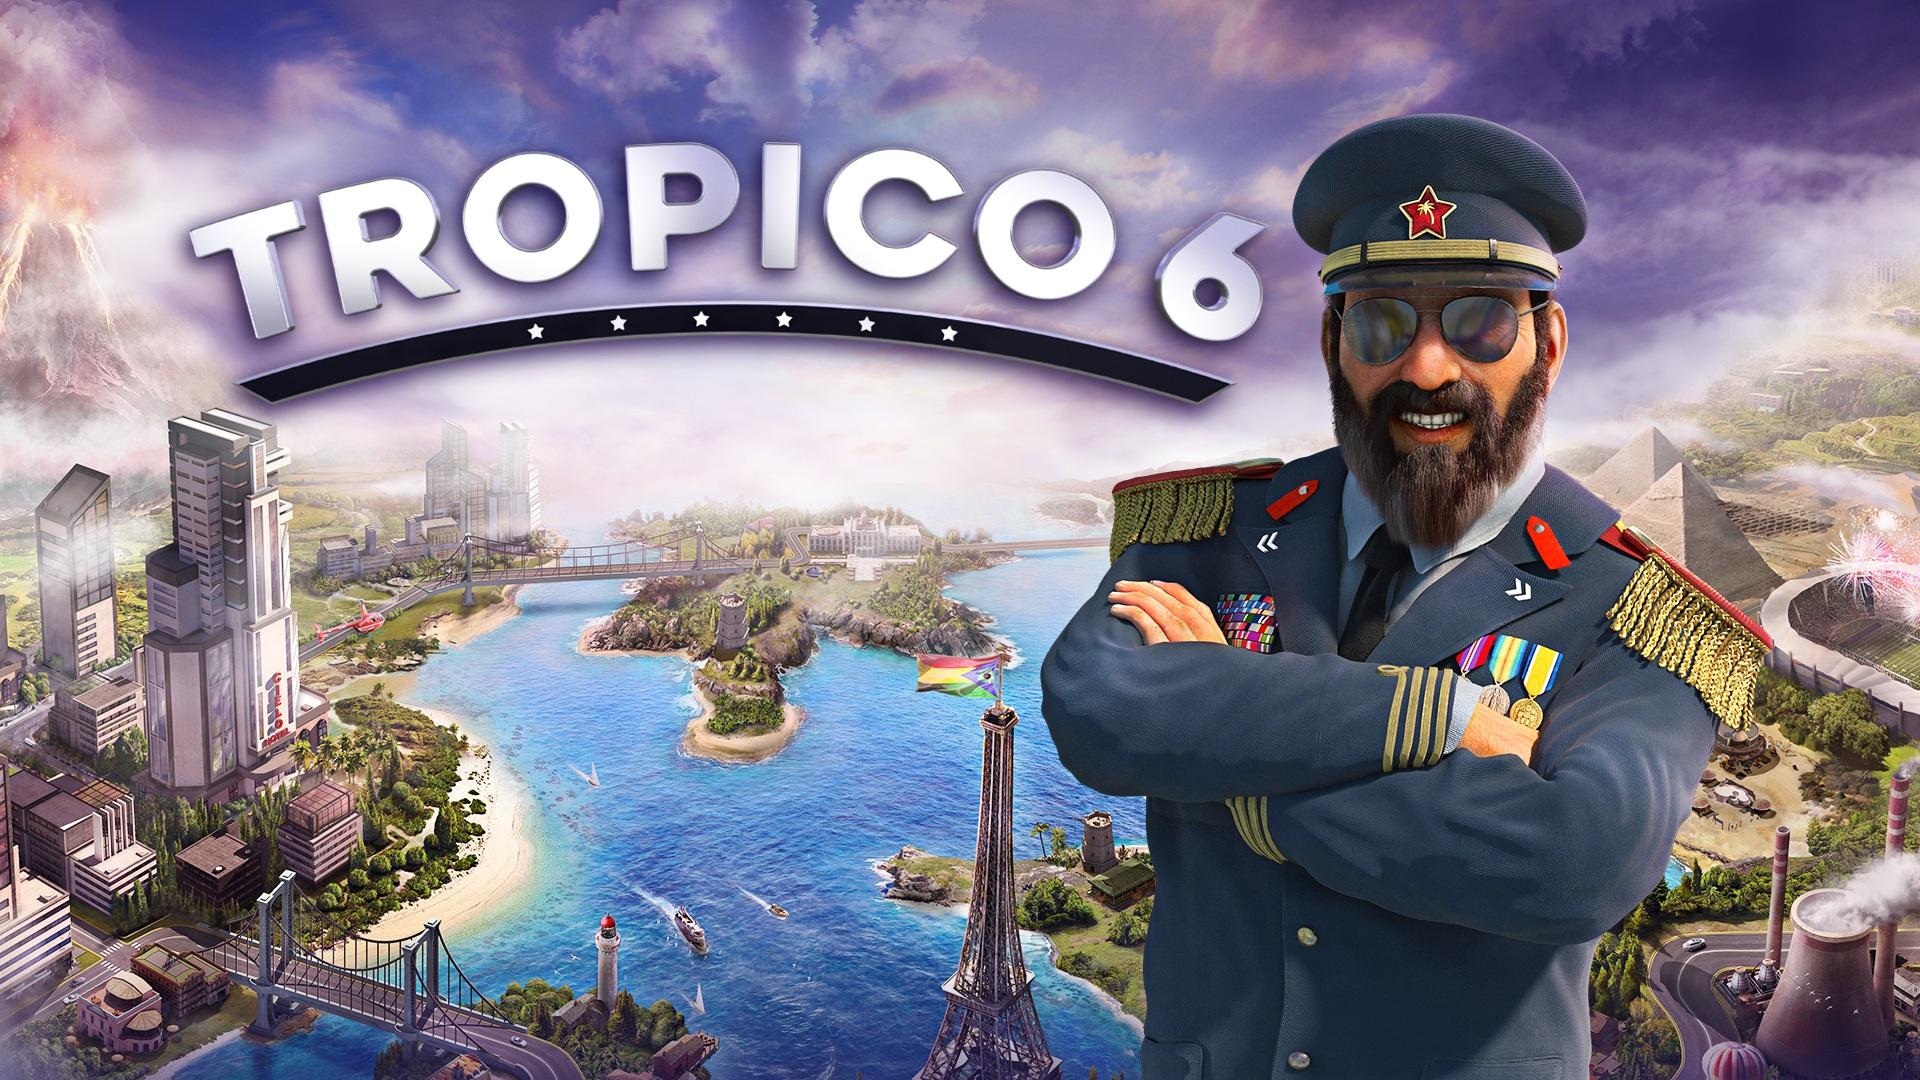 Επιβεβαιώθηκε το Tropico 6 για το Nintendo Switch